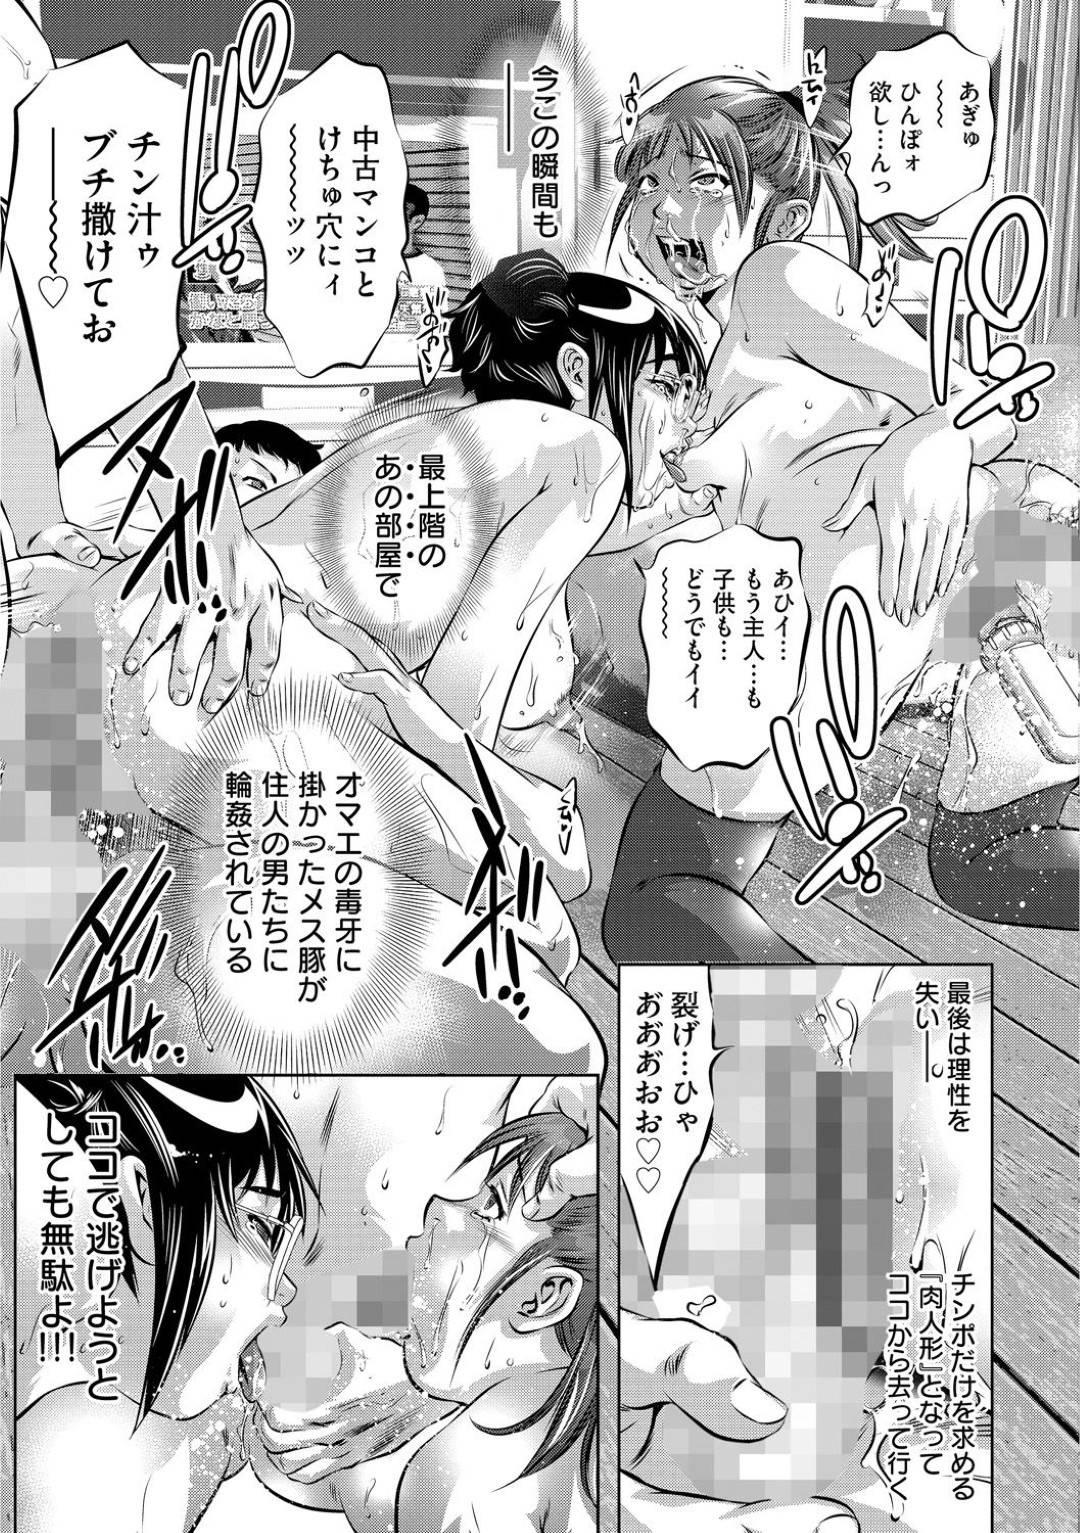 【エロ漫画】悪魔女に調教された男達がマンションの女を片っ端から肉便器にしていき乱交部屋と化す【鬼窪浩久/淫獄の巨塔 ~獣たちの叫宴~】